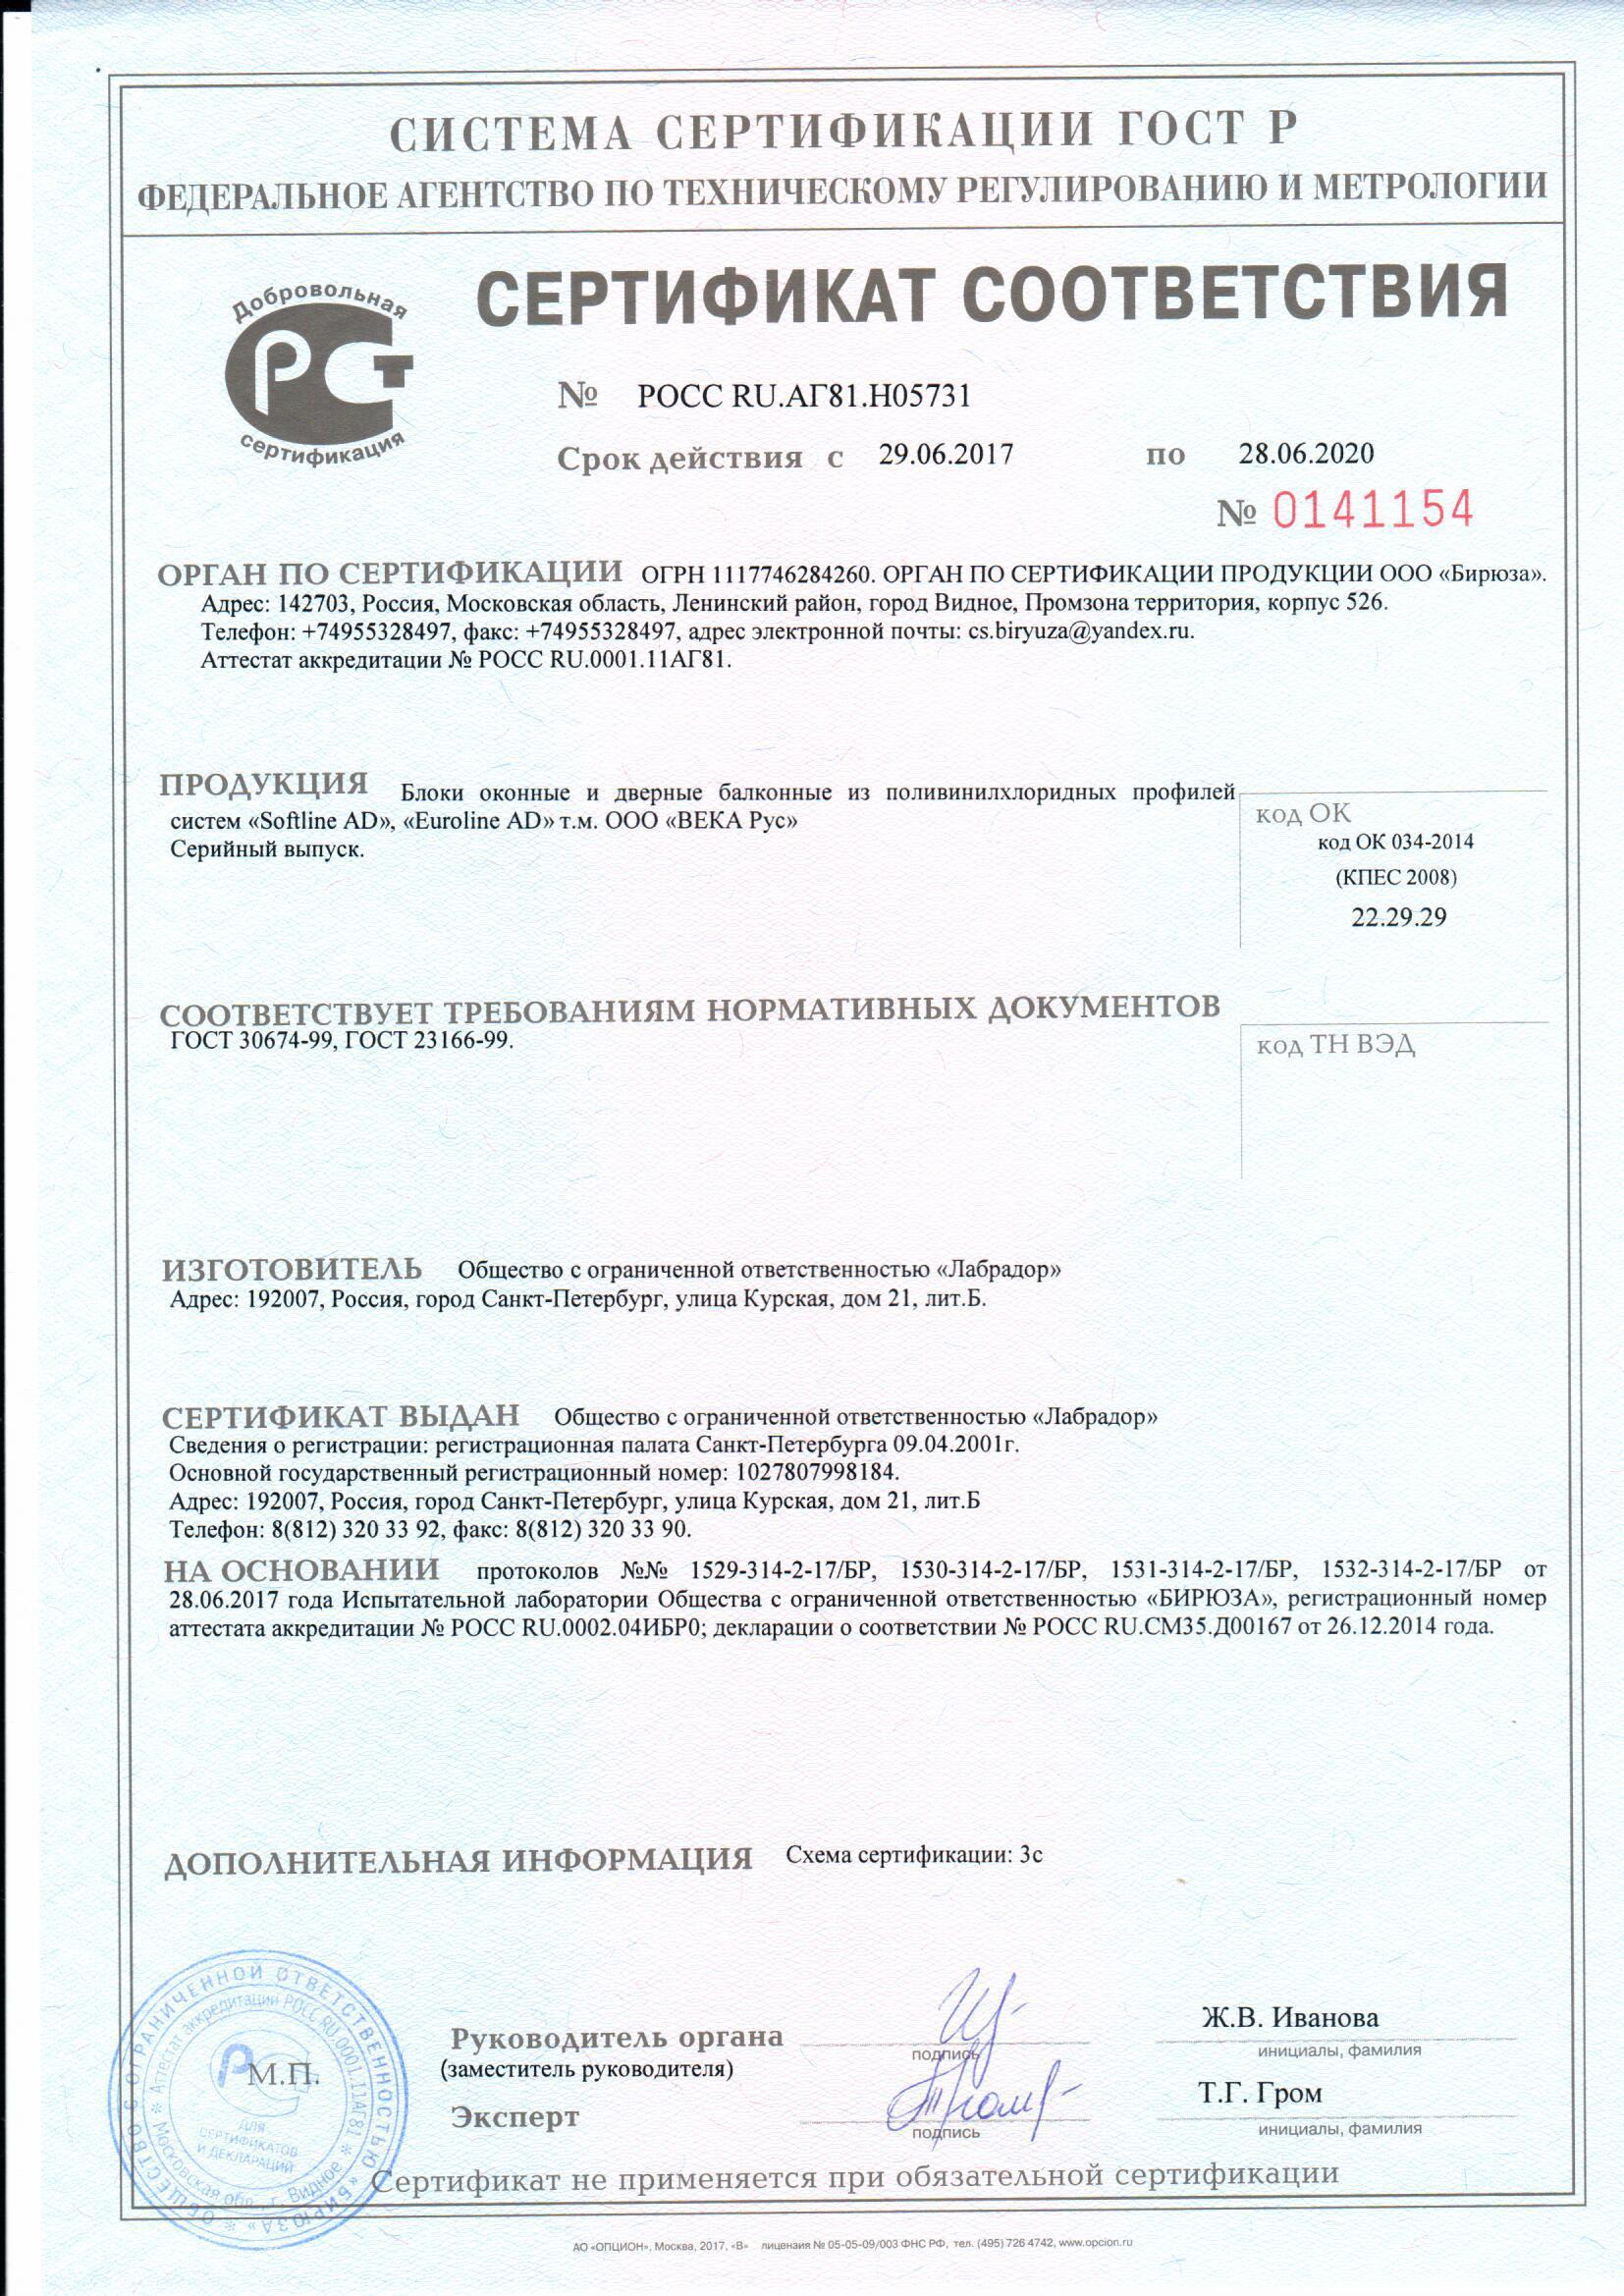 Сертификат  на Софтлайн и Евролайн